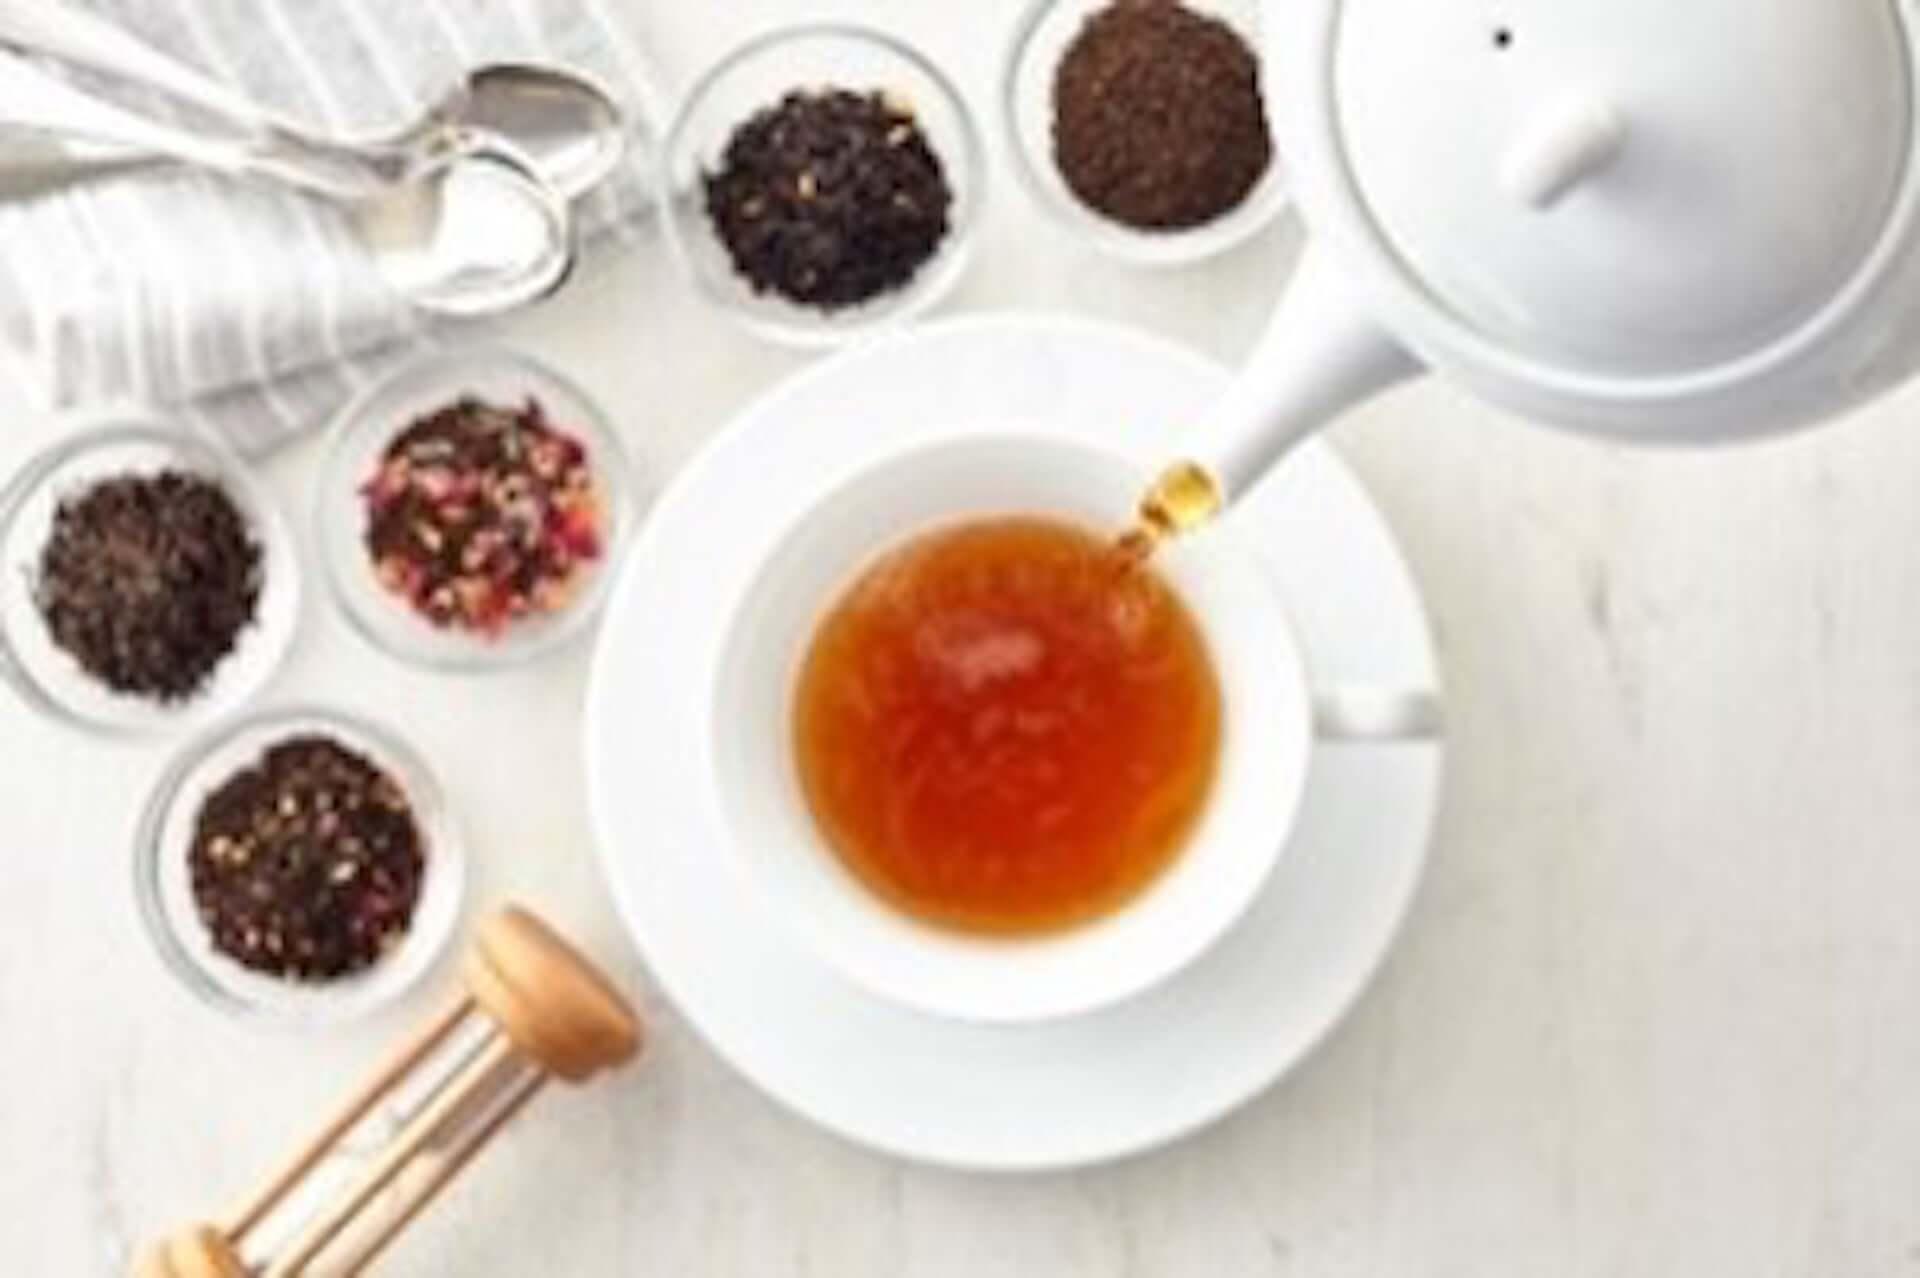 ファミリーマートにふわふわのシフォンとホイップがたまらない『紅茶のシフォンサンド』が登場!Afternoon Teaが監修 gourmet200610_familymart_teachiffonsand_02-1920x1278